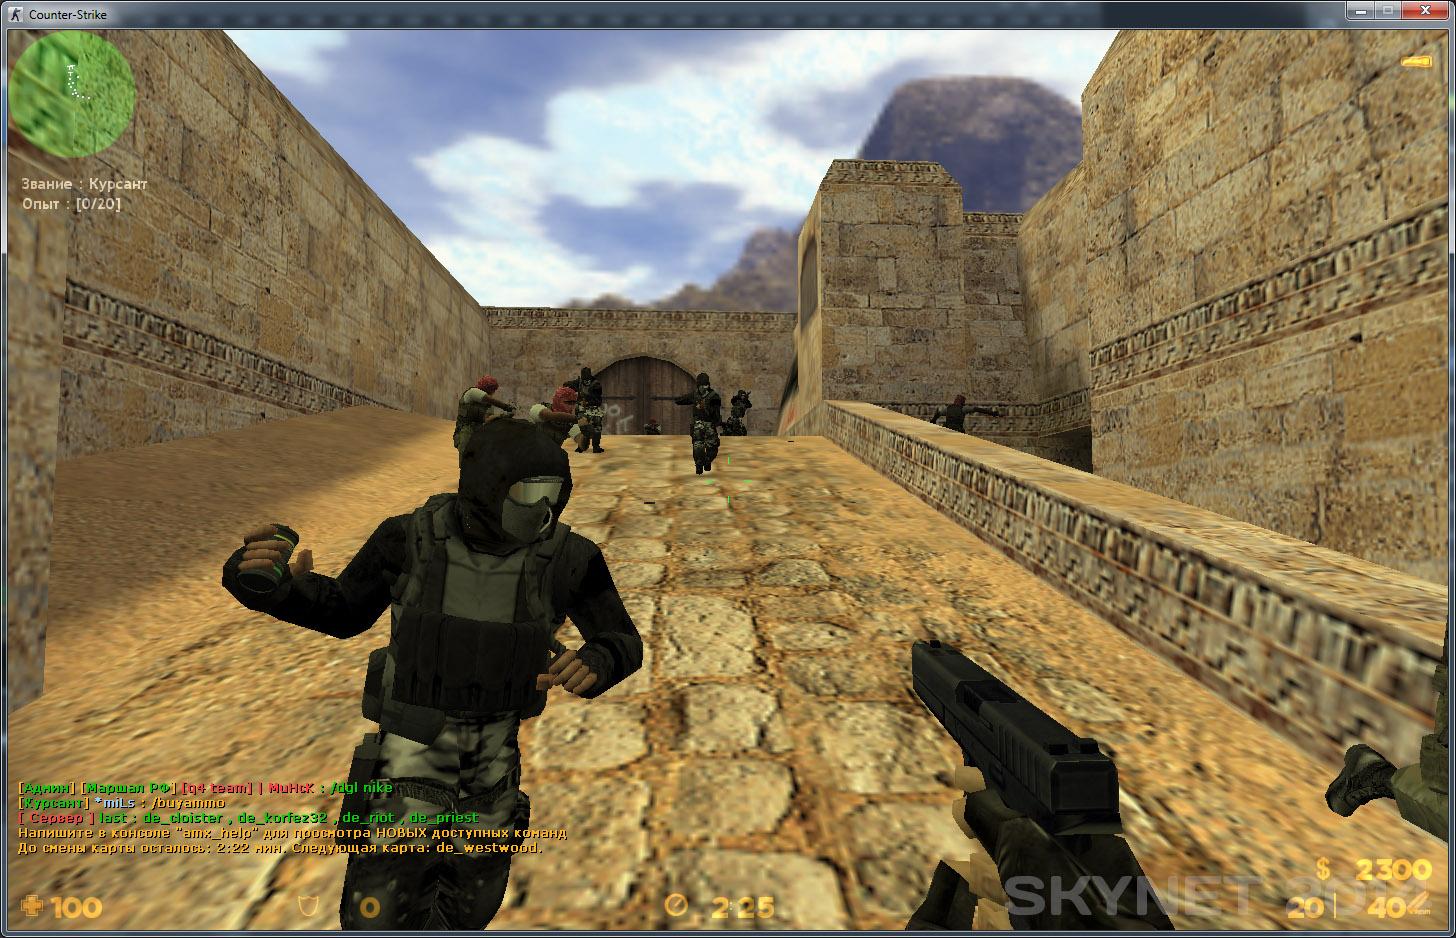 Counter-Strike 1.6 SkyNet 2014: Новые скины моделей игроков.